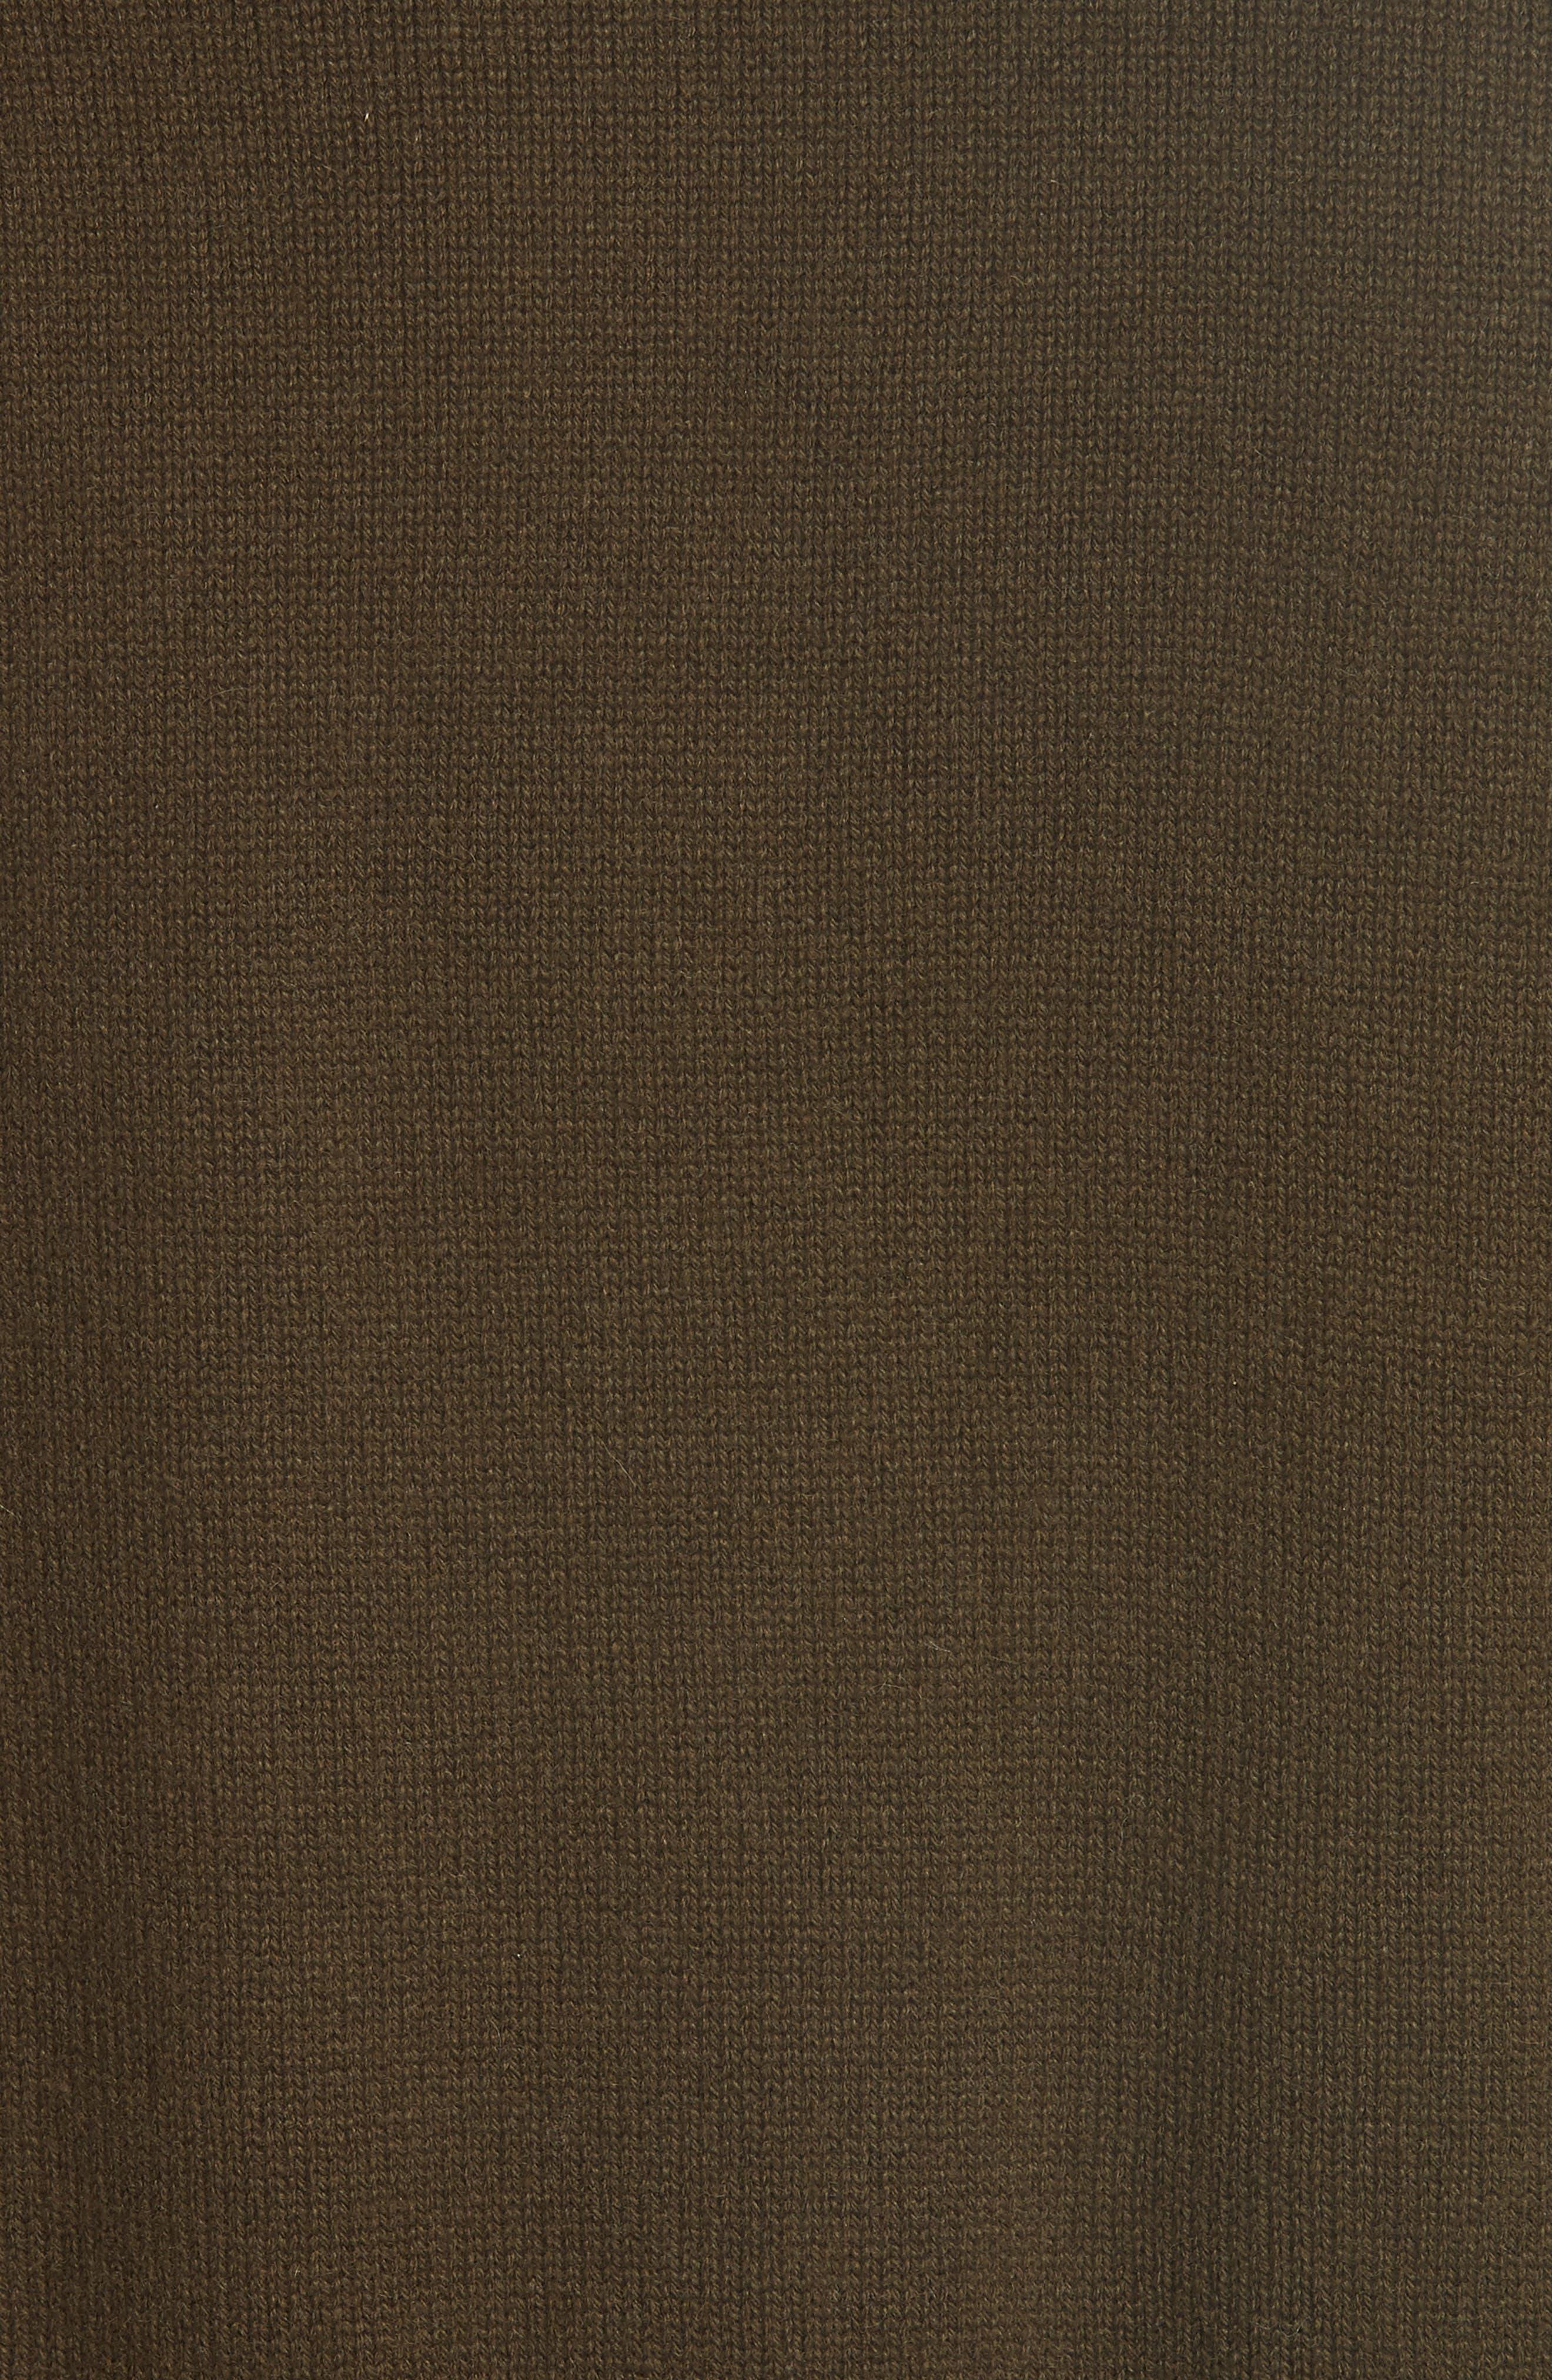 Cashmere Wrap Cardigan,                             Alternate thumbnail 5, color,                             207